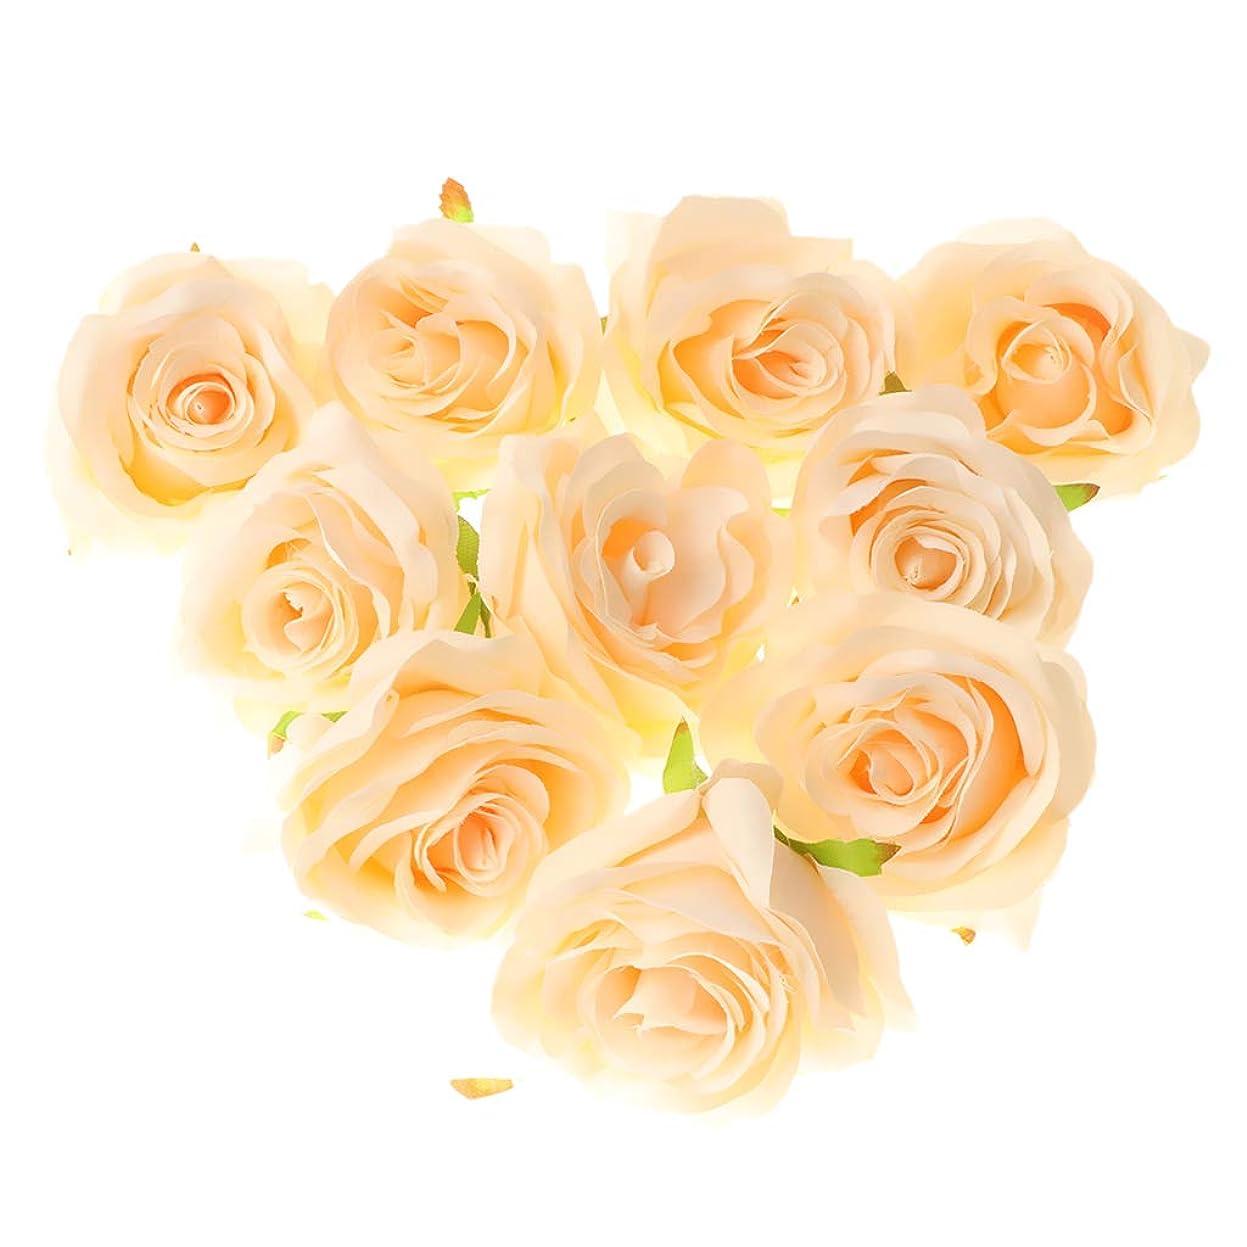 旋律的資源フラフープロマンチック シルクローズフラワー 人工花 造花 手作り用 パーティー装飾 DIY ウェディングブーケ 7色選べ - ベージュ